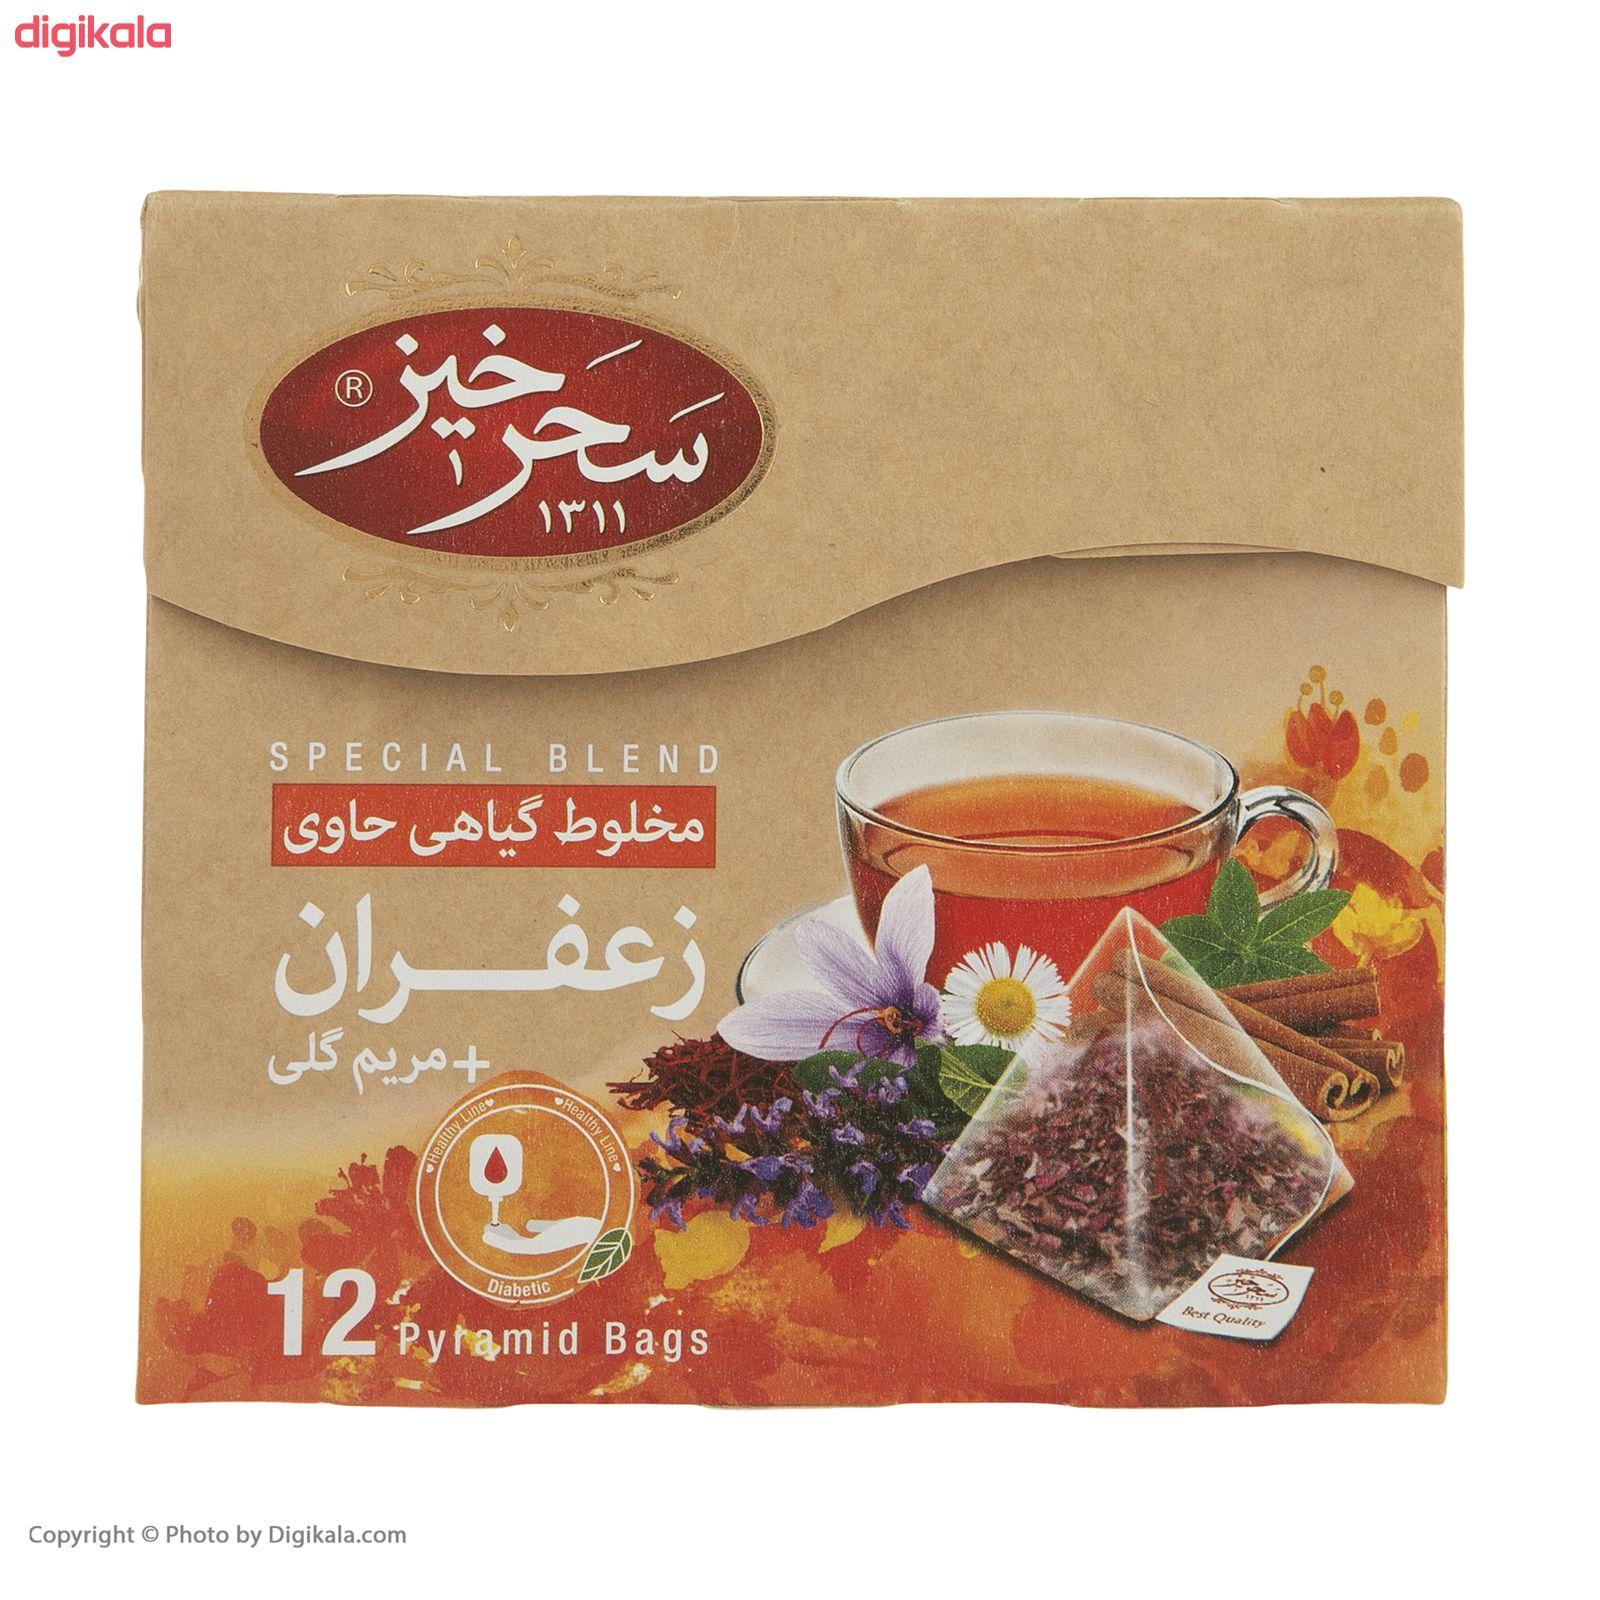 دمنوش مخلوط گیاهی زعفران و مریم گلی سحر خیز  - بسته 12 عددی  main 1 1